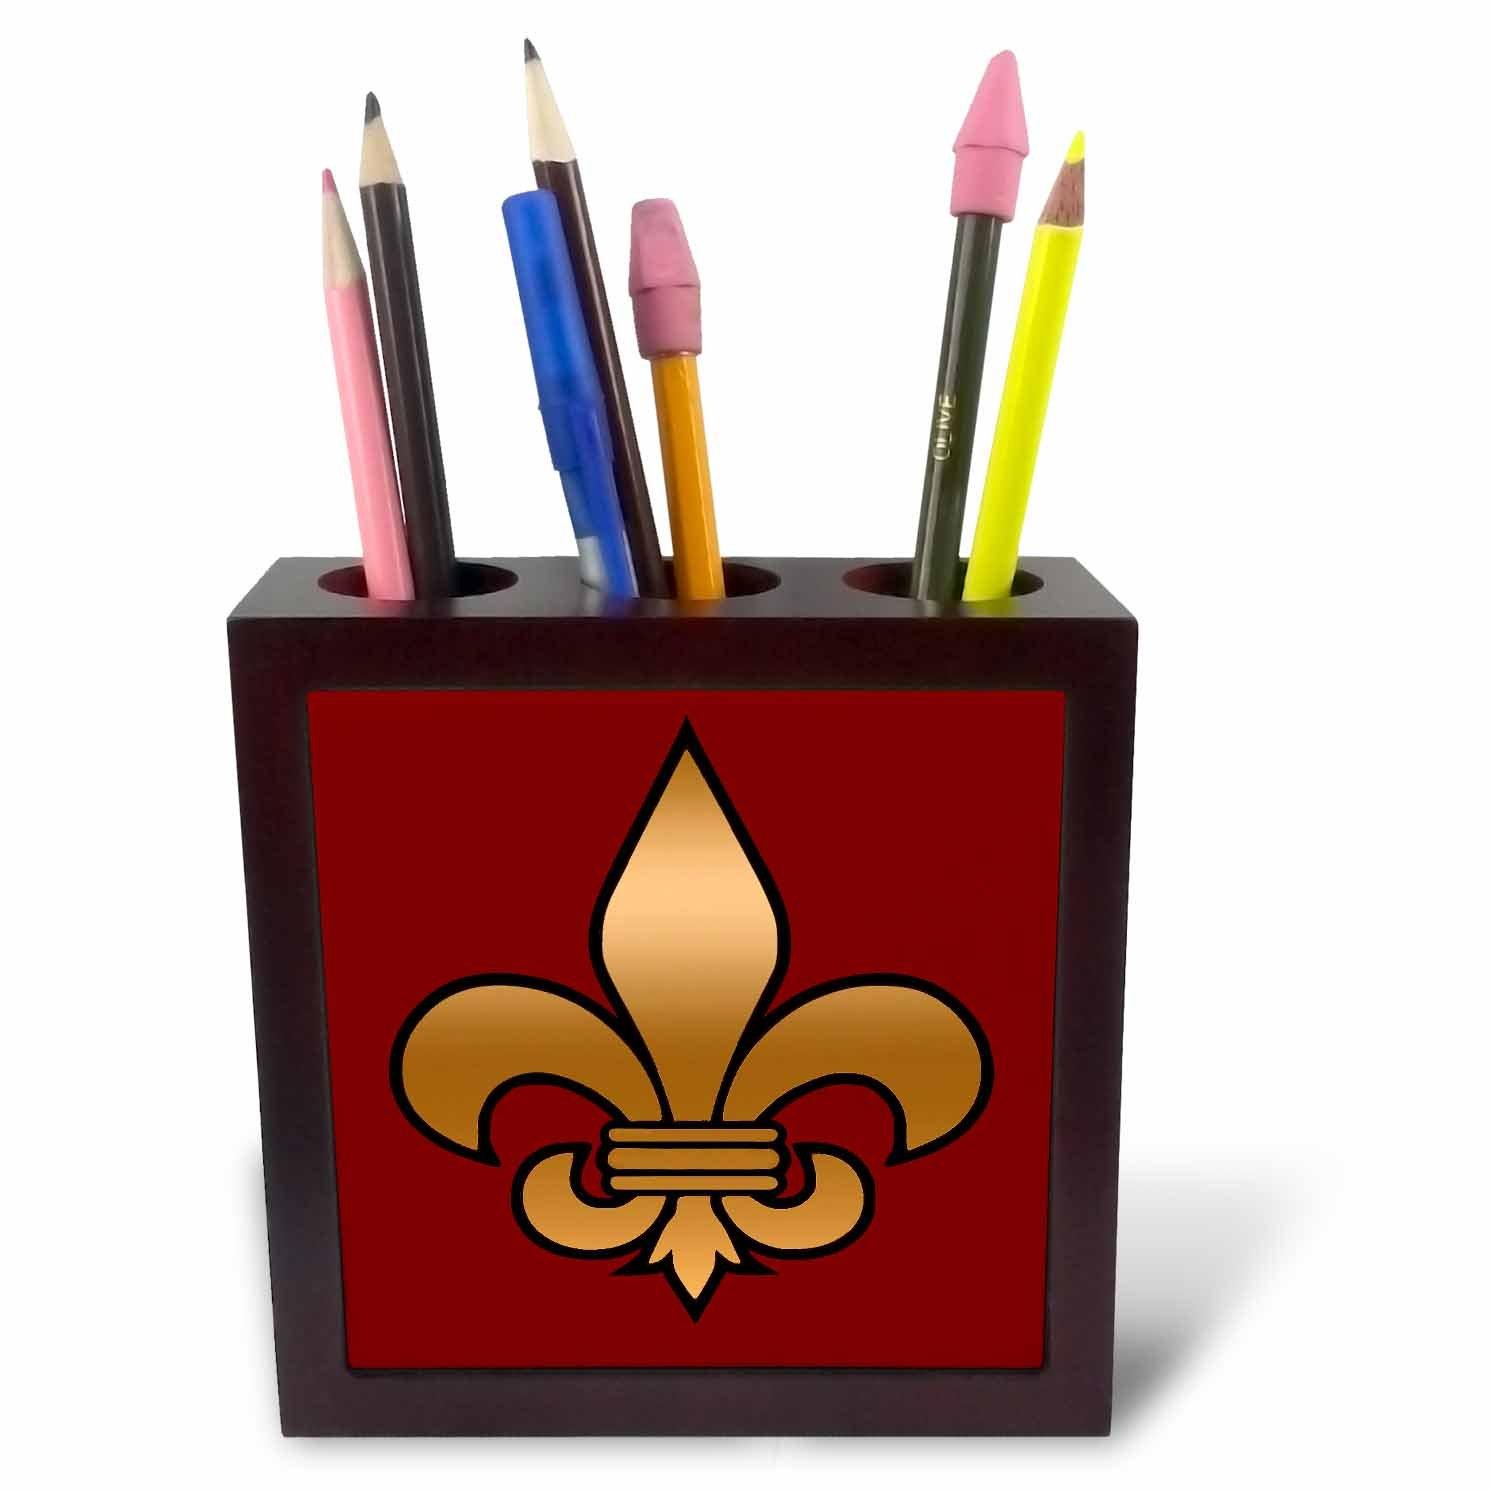 3dRose ph_30760_1 Large Black and Gold Fleur De Lis on Maroon Background Christian Symbol-Tile Pen Holder, 5-Inch